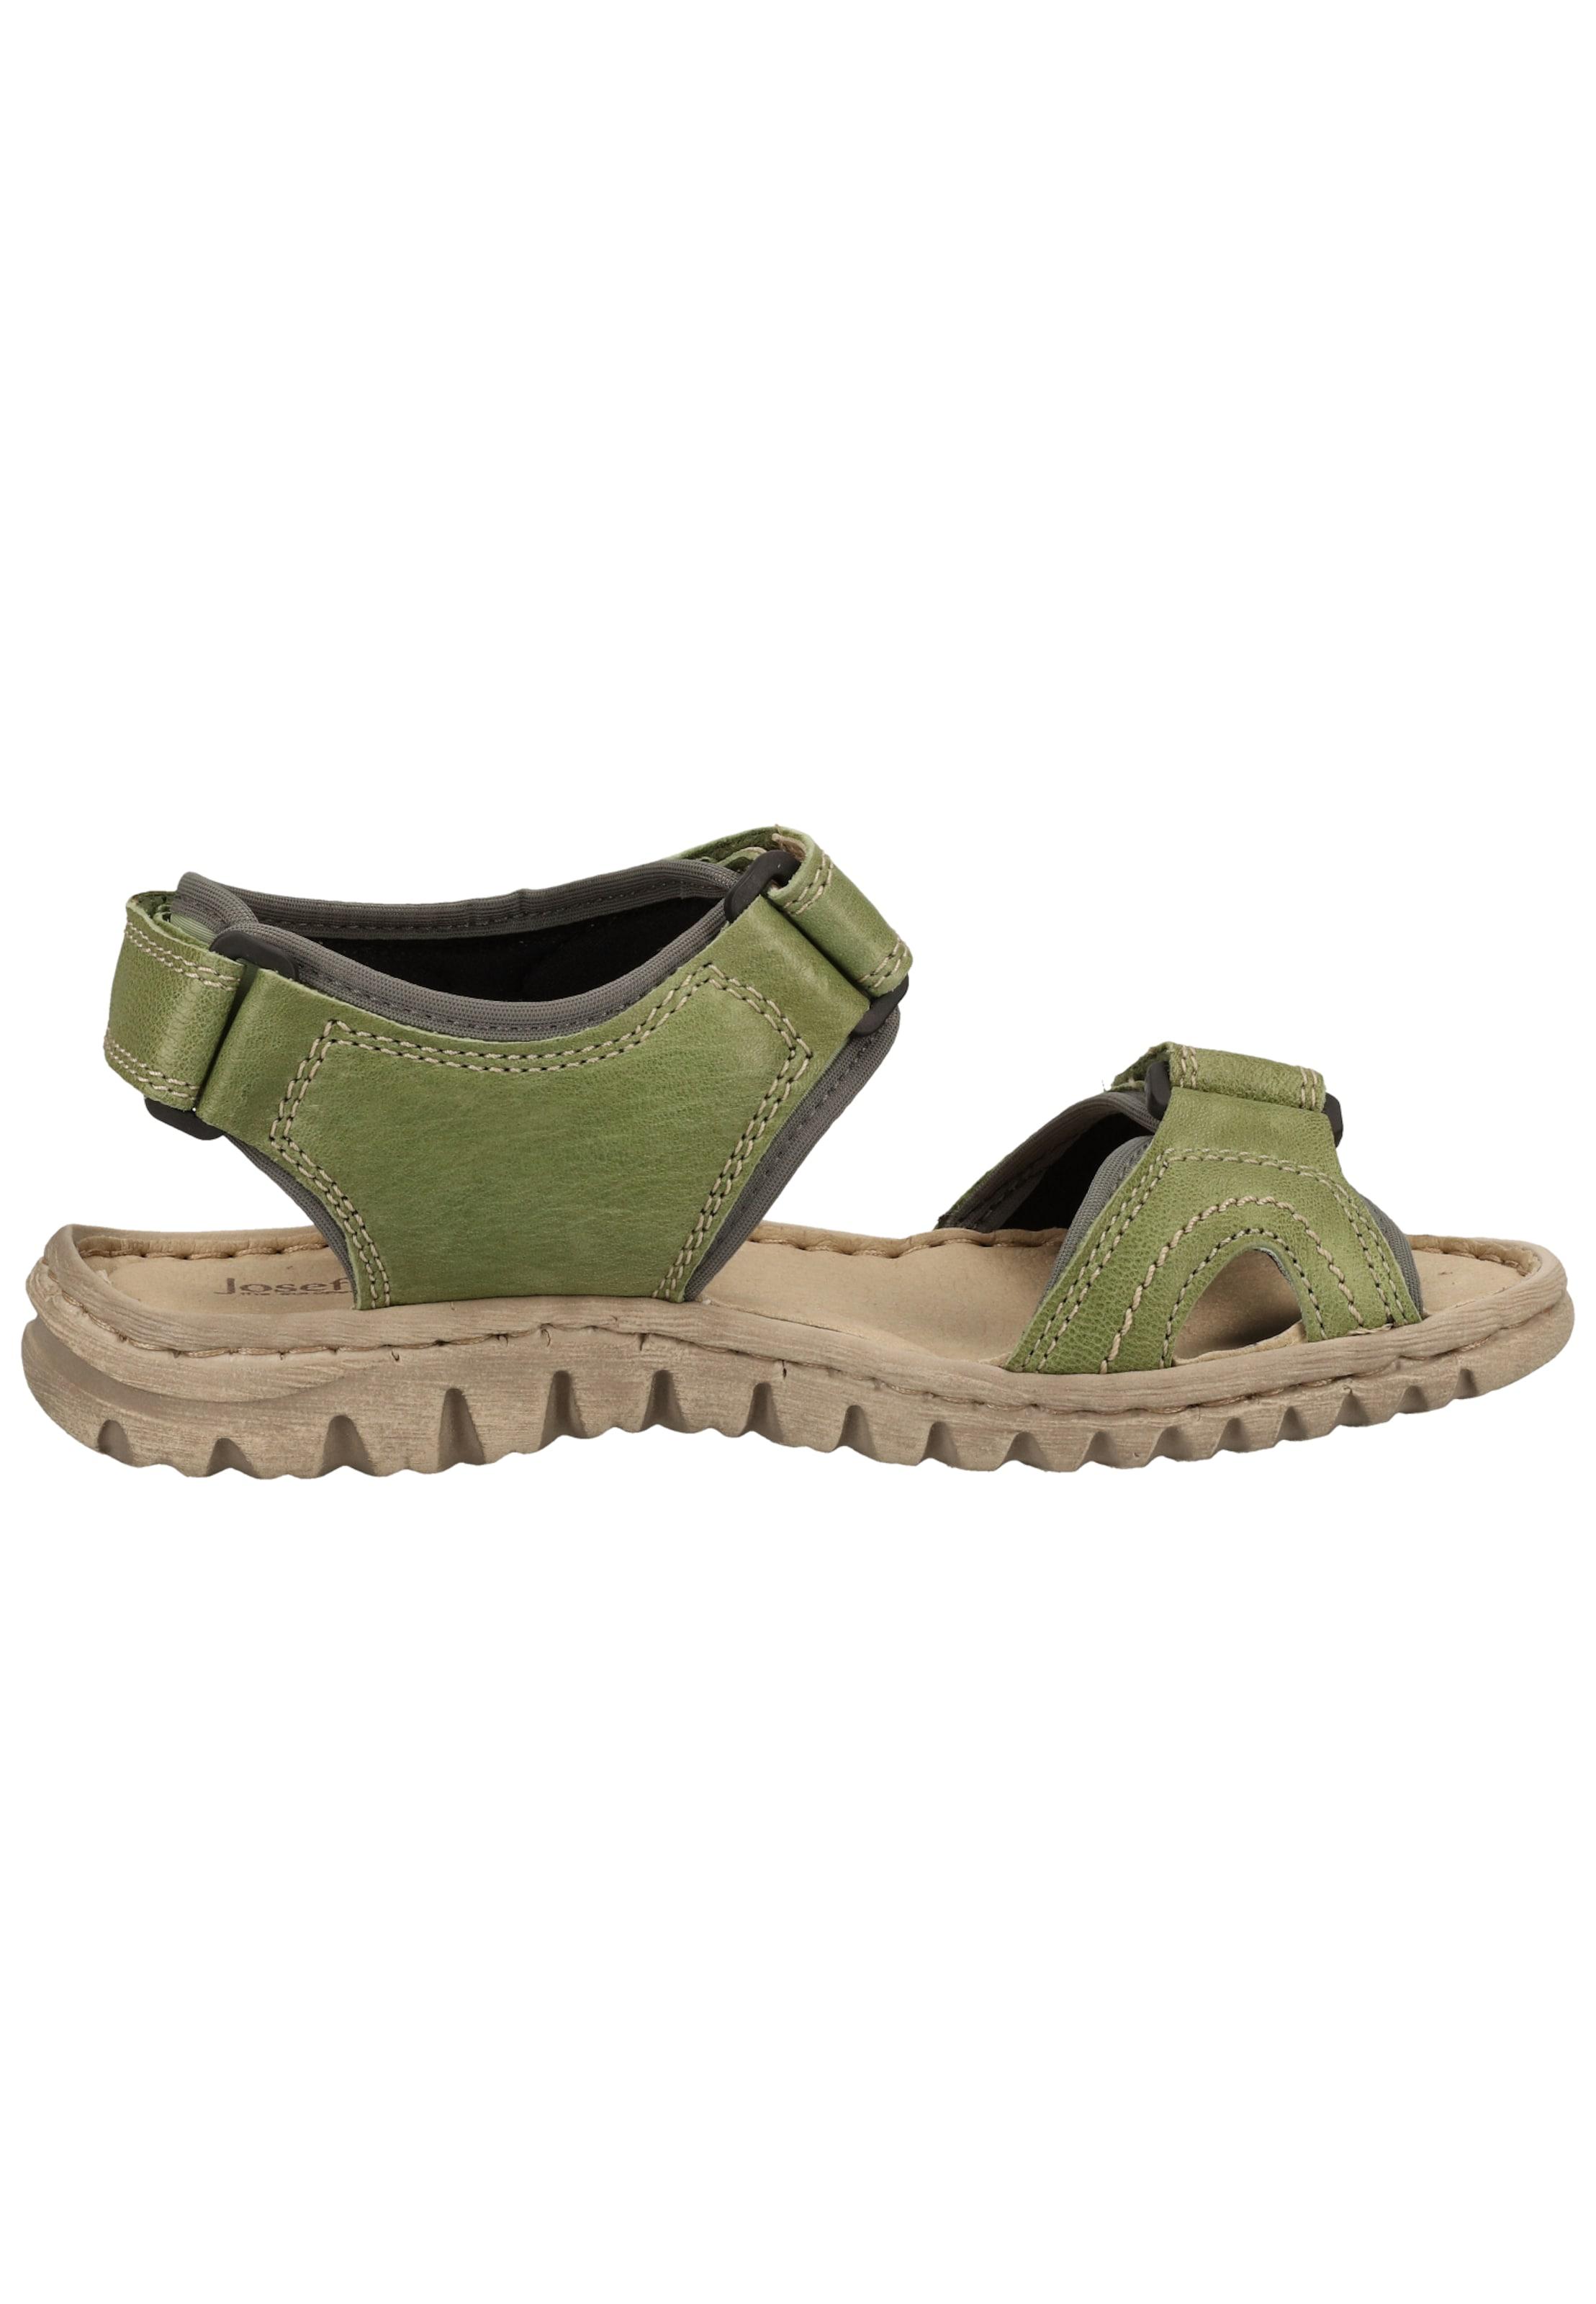 JOSEF SEIBEL Sandale in oliv